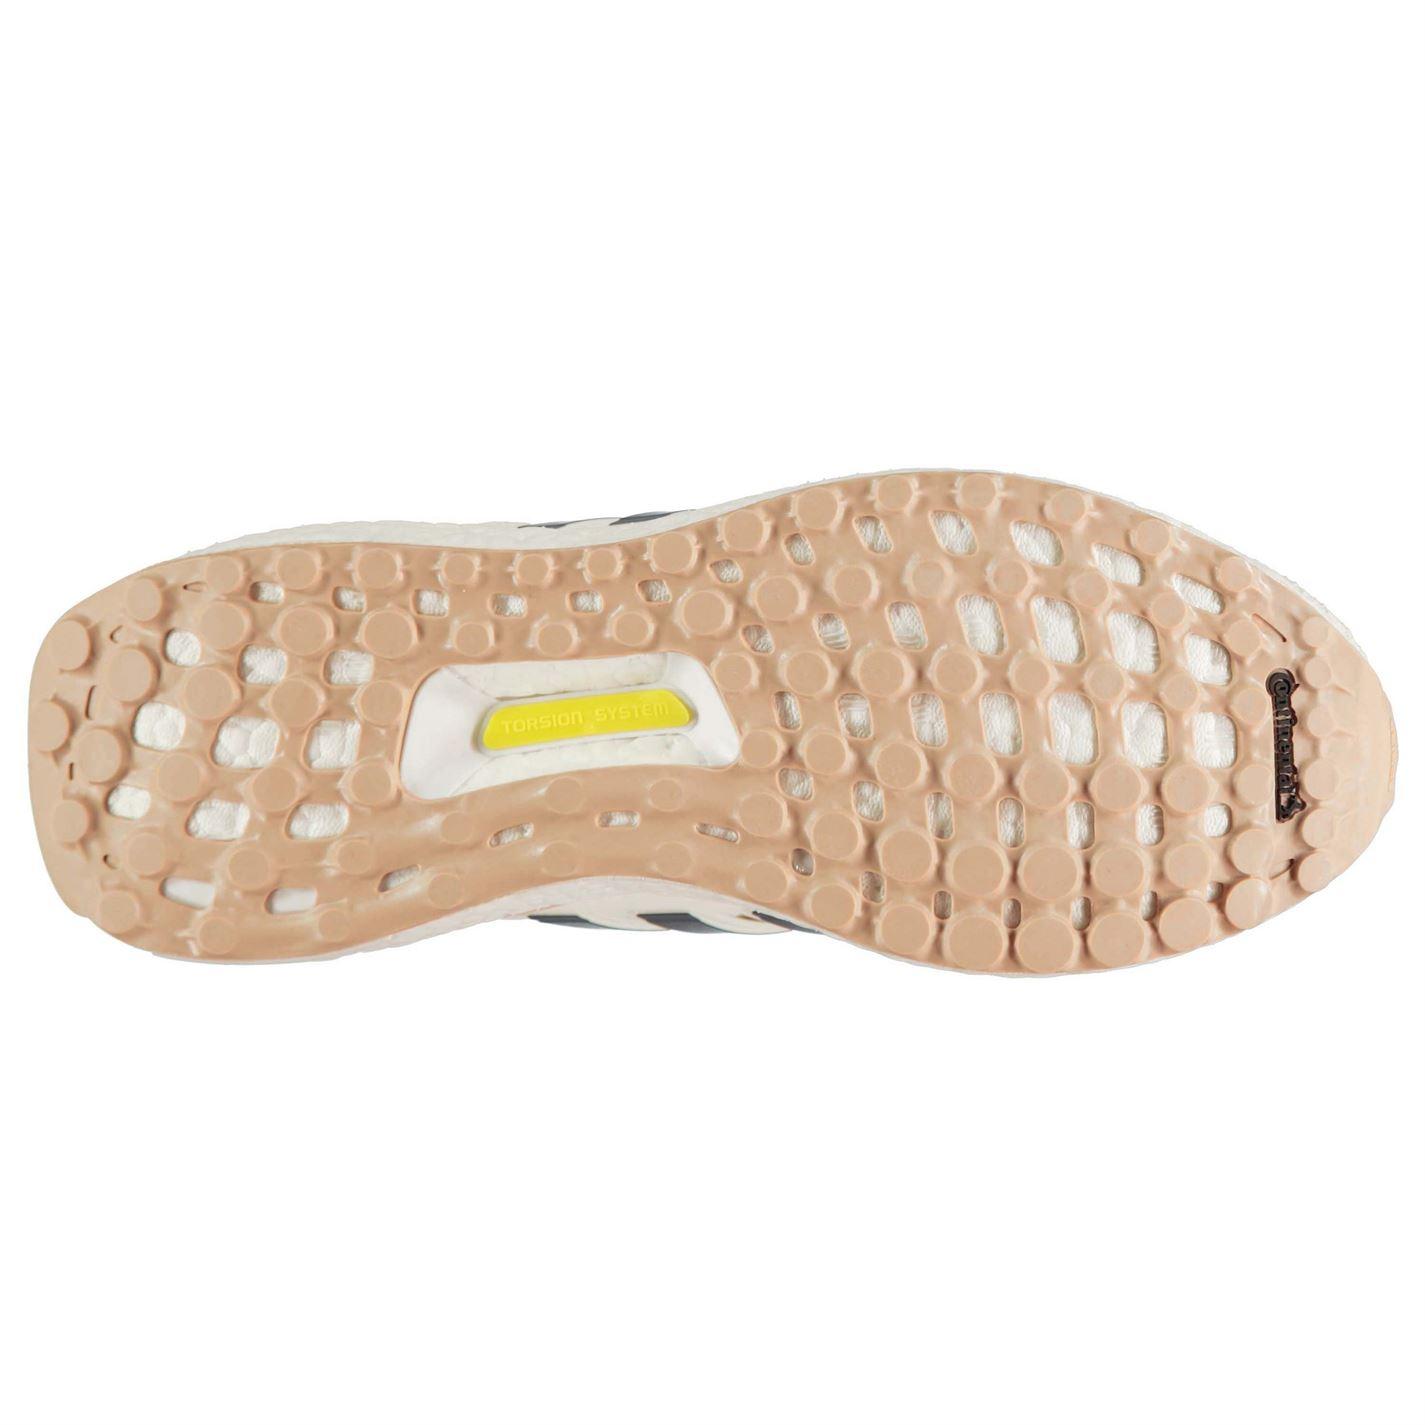 adidas mens ultraboost scarpe da corsa su su su strada a stretch   elegante    Scolaro/Signora Scarpa    Uomini/Donna Scarpa  ed880e